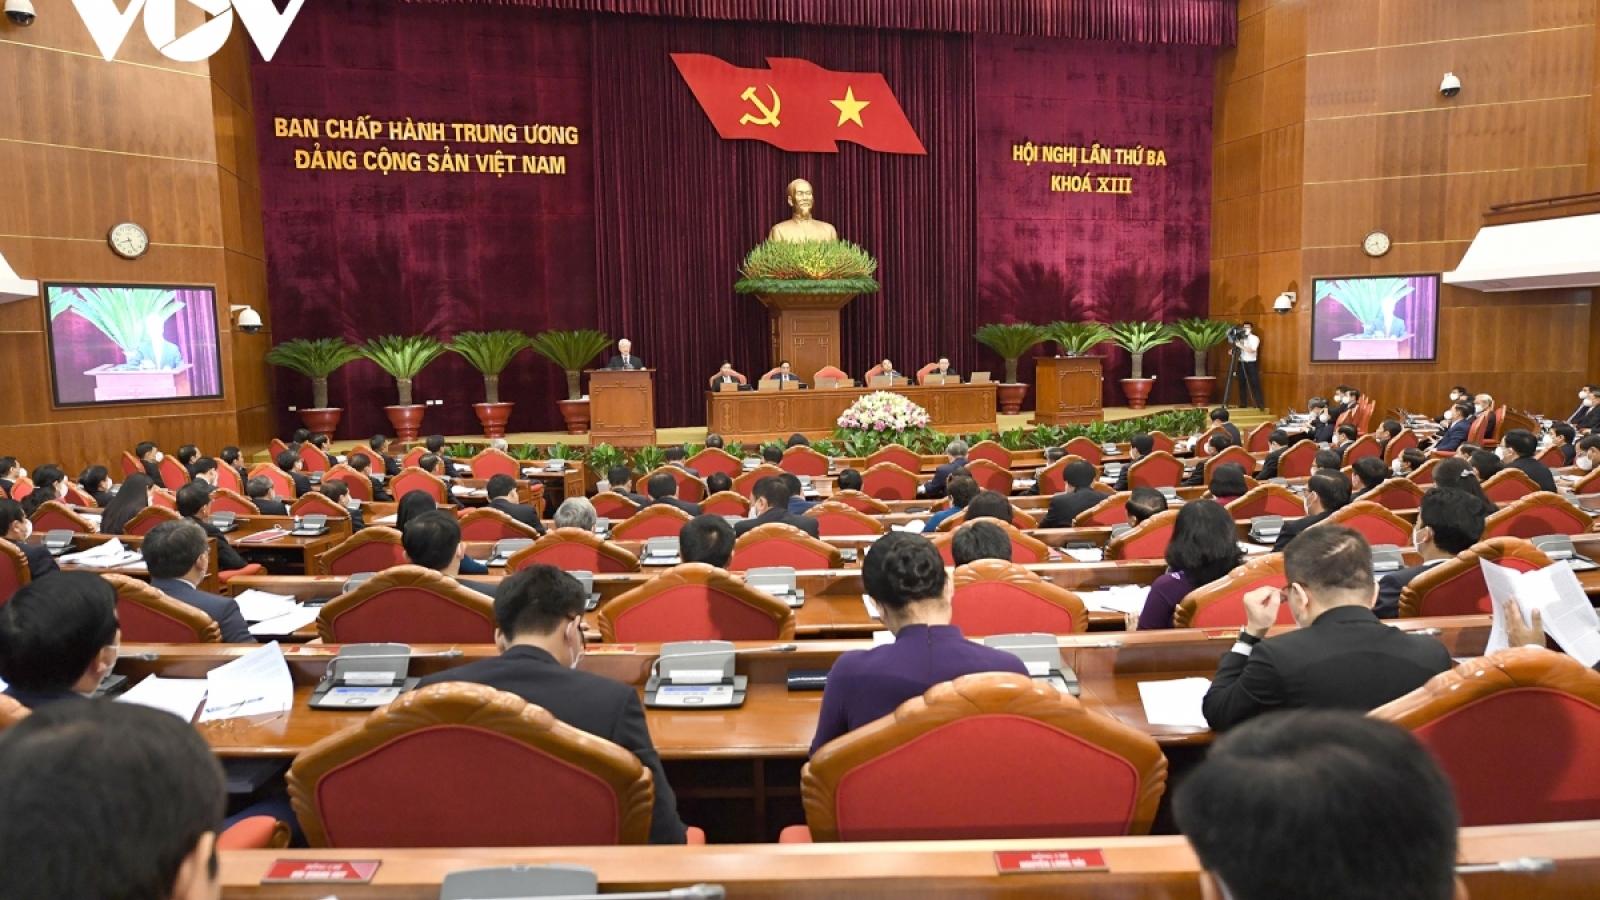 Toàn cảnh Hội nghị lần thứ 3 Ban Chấp hành Trung ương Đảng khóa XIII